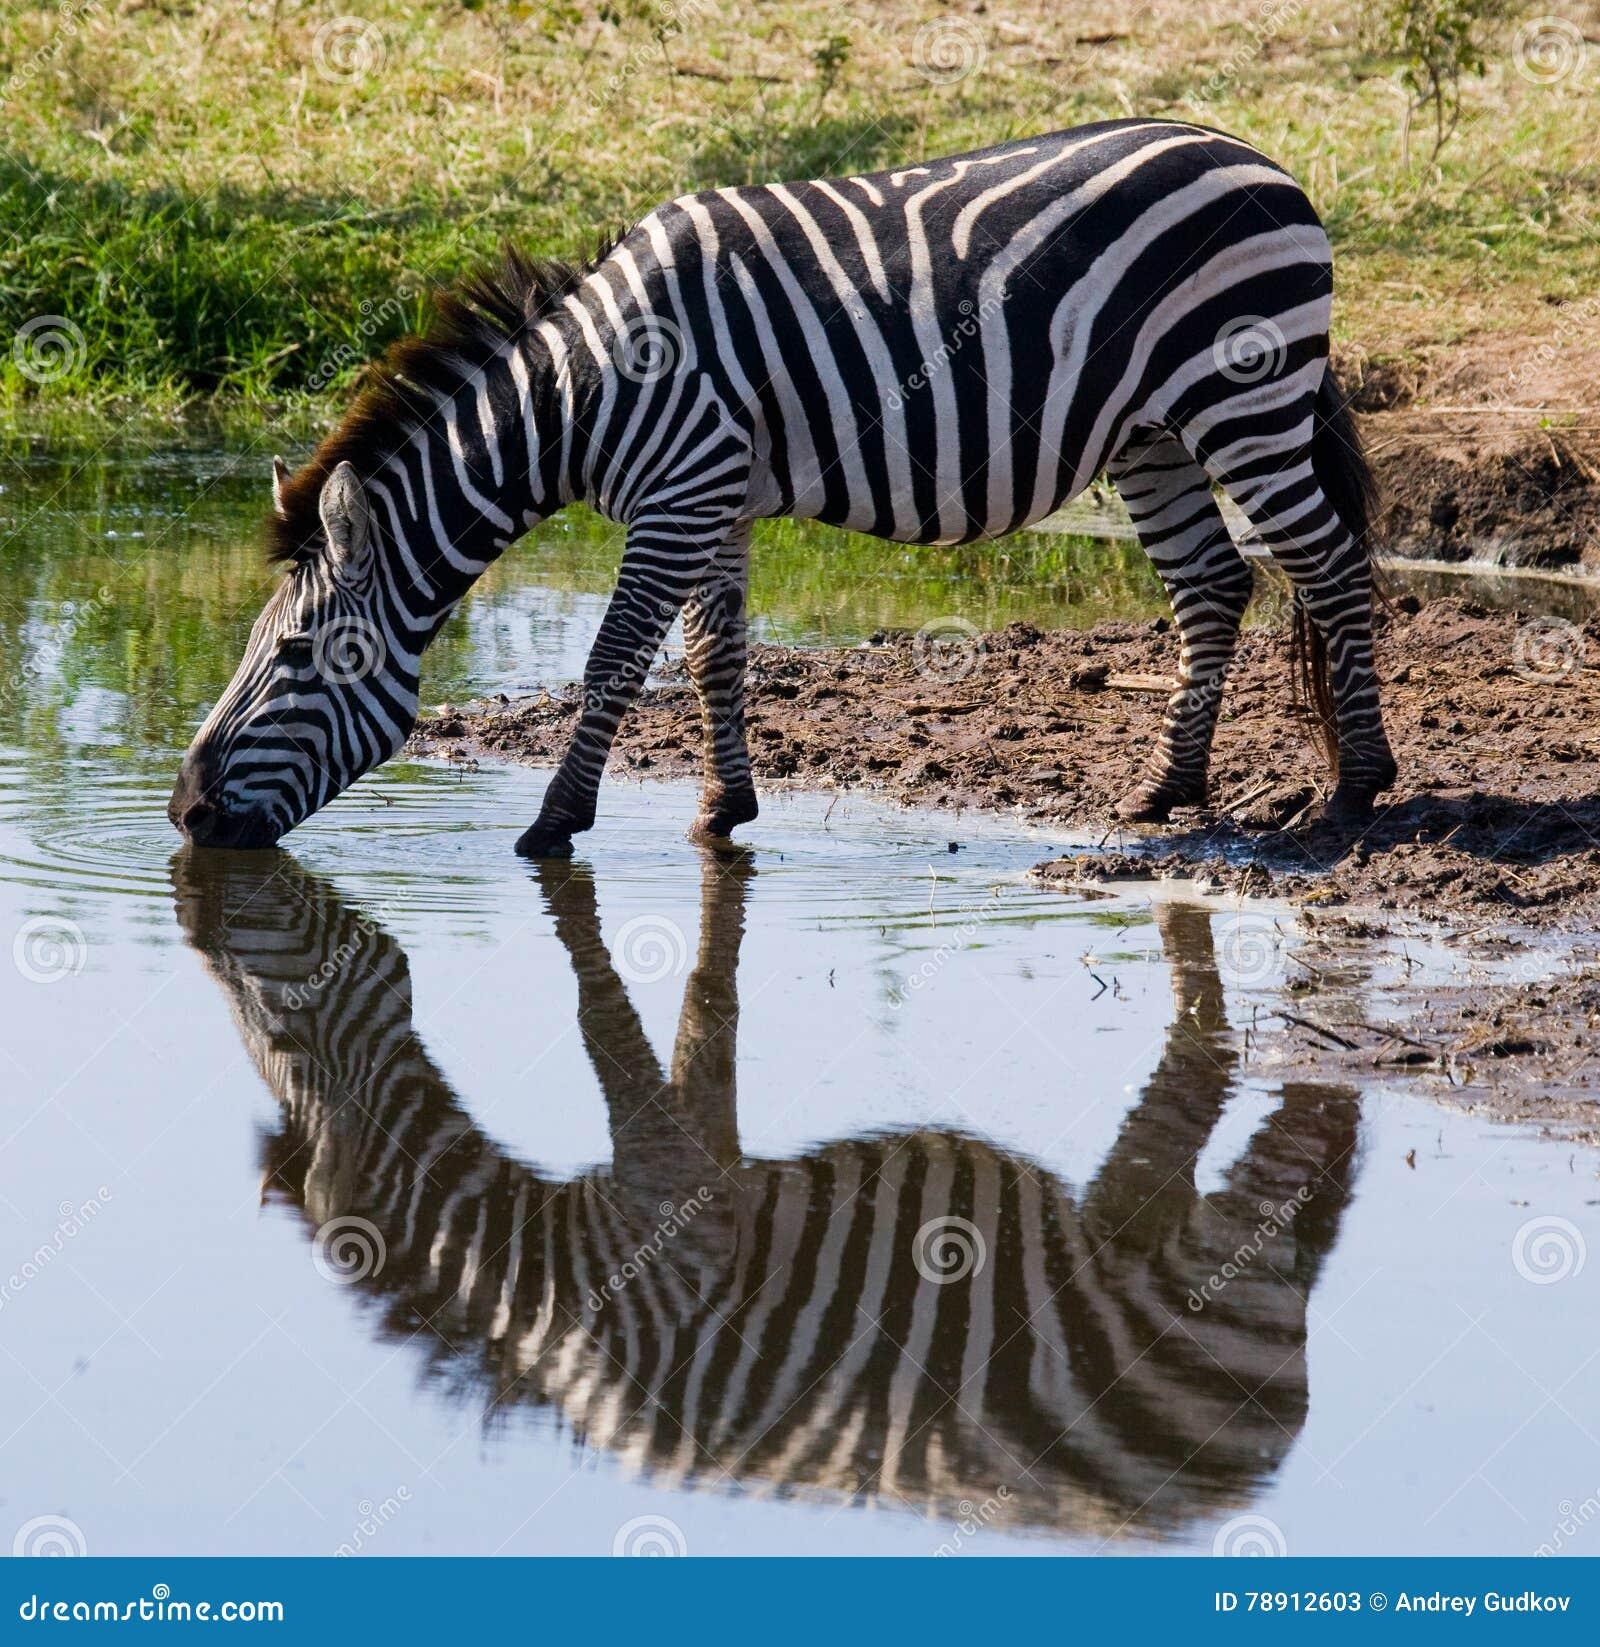 Sebradricksvatten från floden kenya tanzania Chiang Mai serengeti Maasai Mara